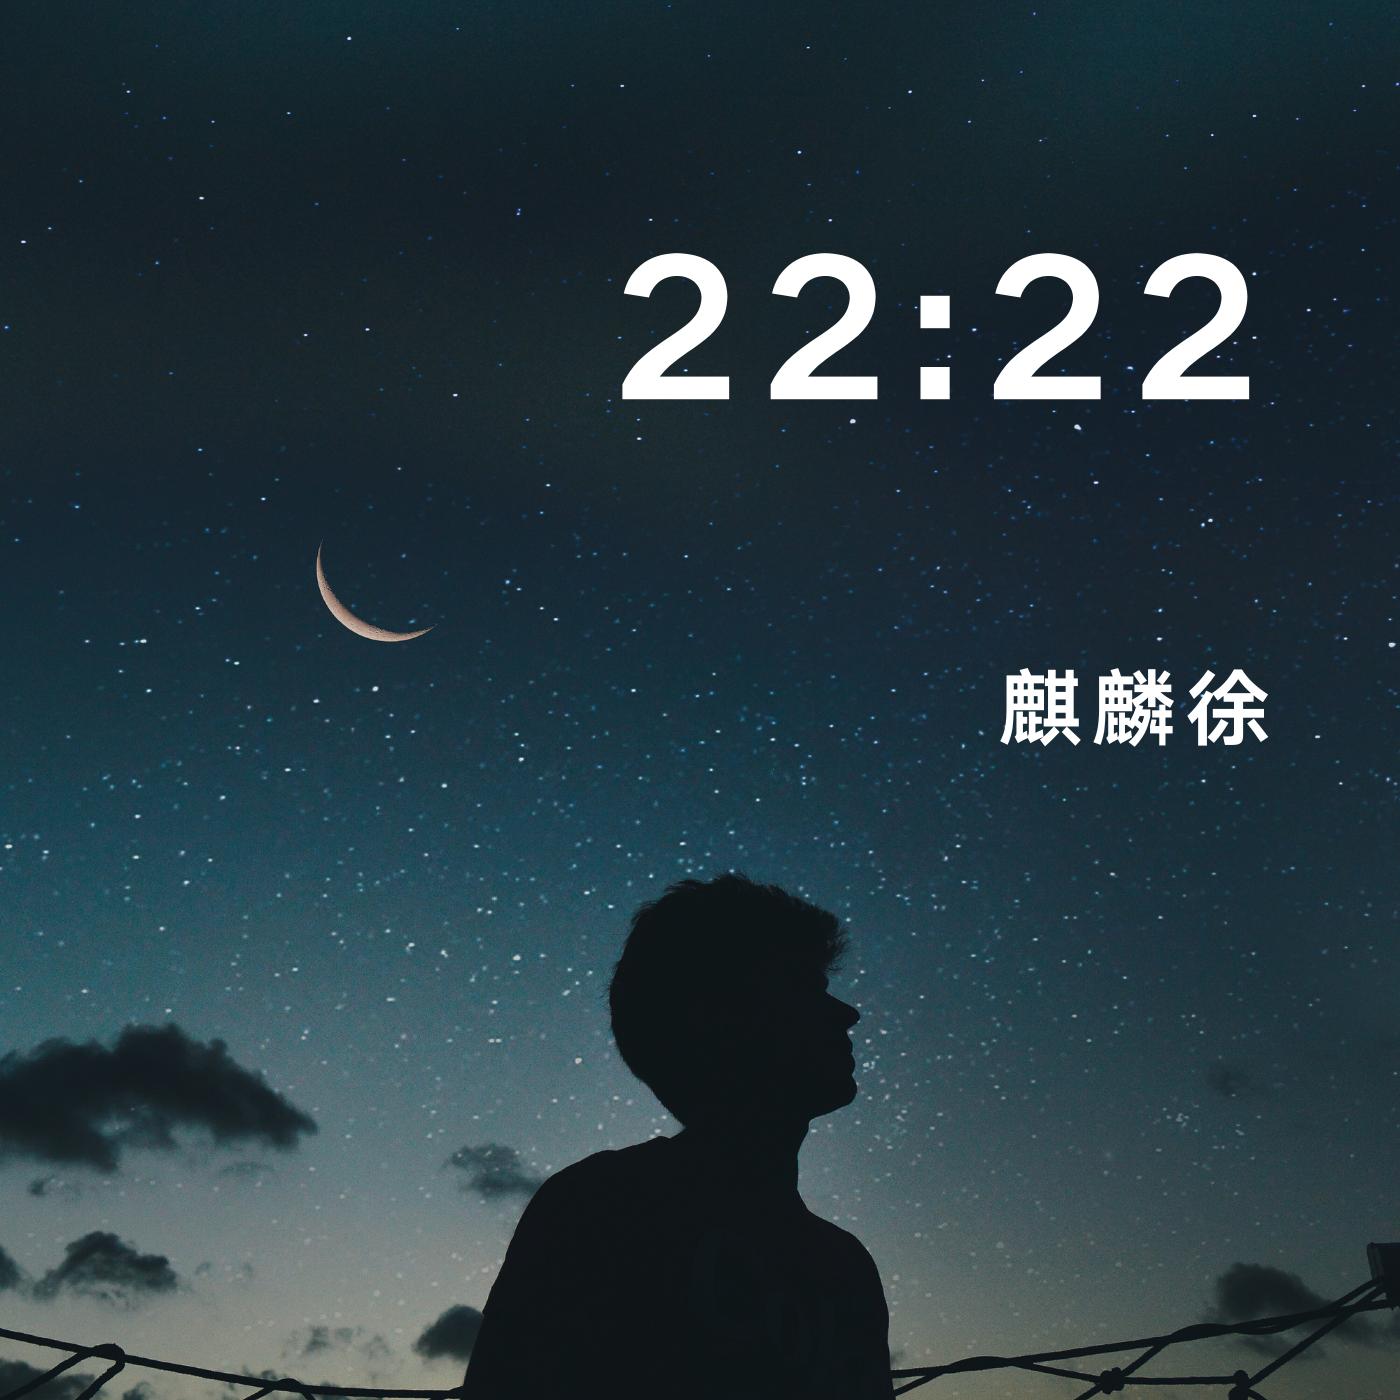 22点22分